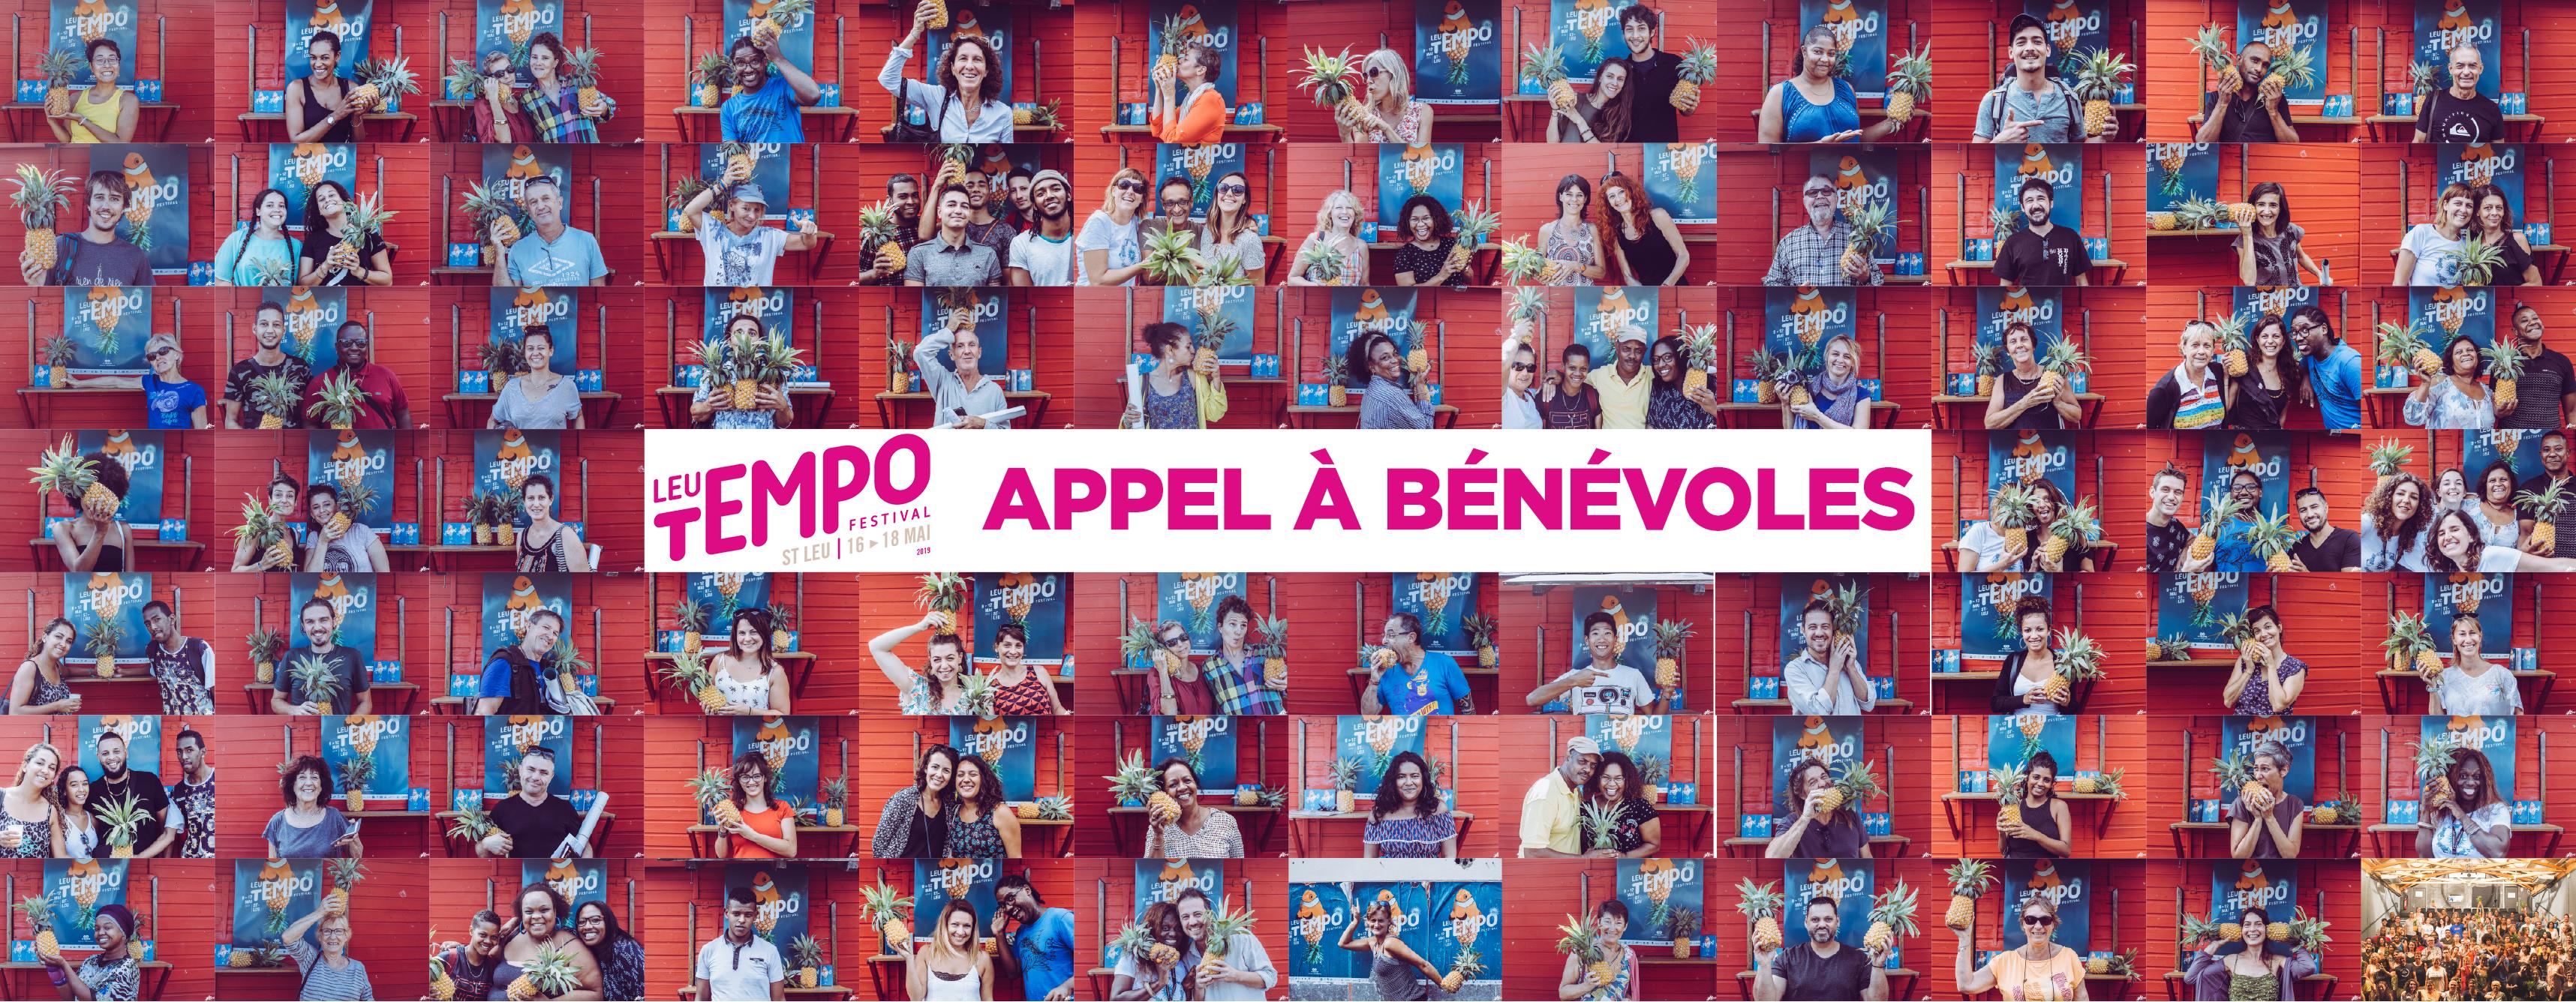 Appel à bénévoles - Leu Tempo Festival 2019